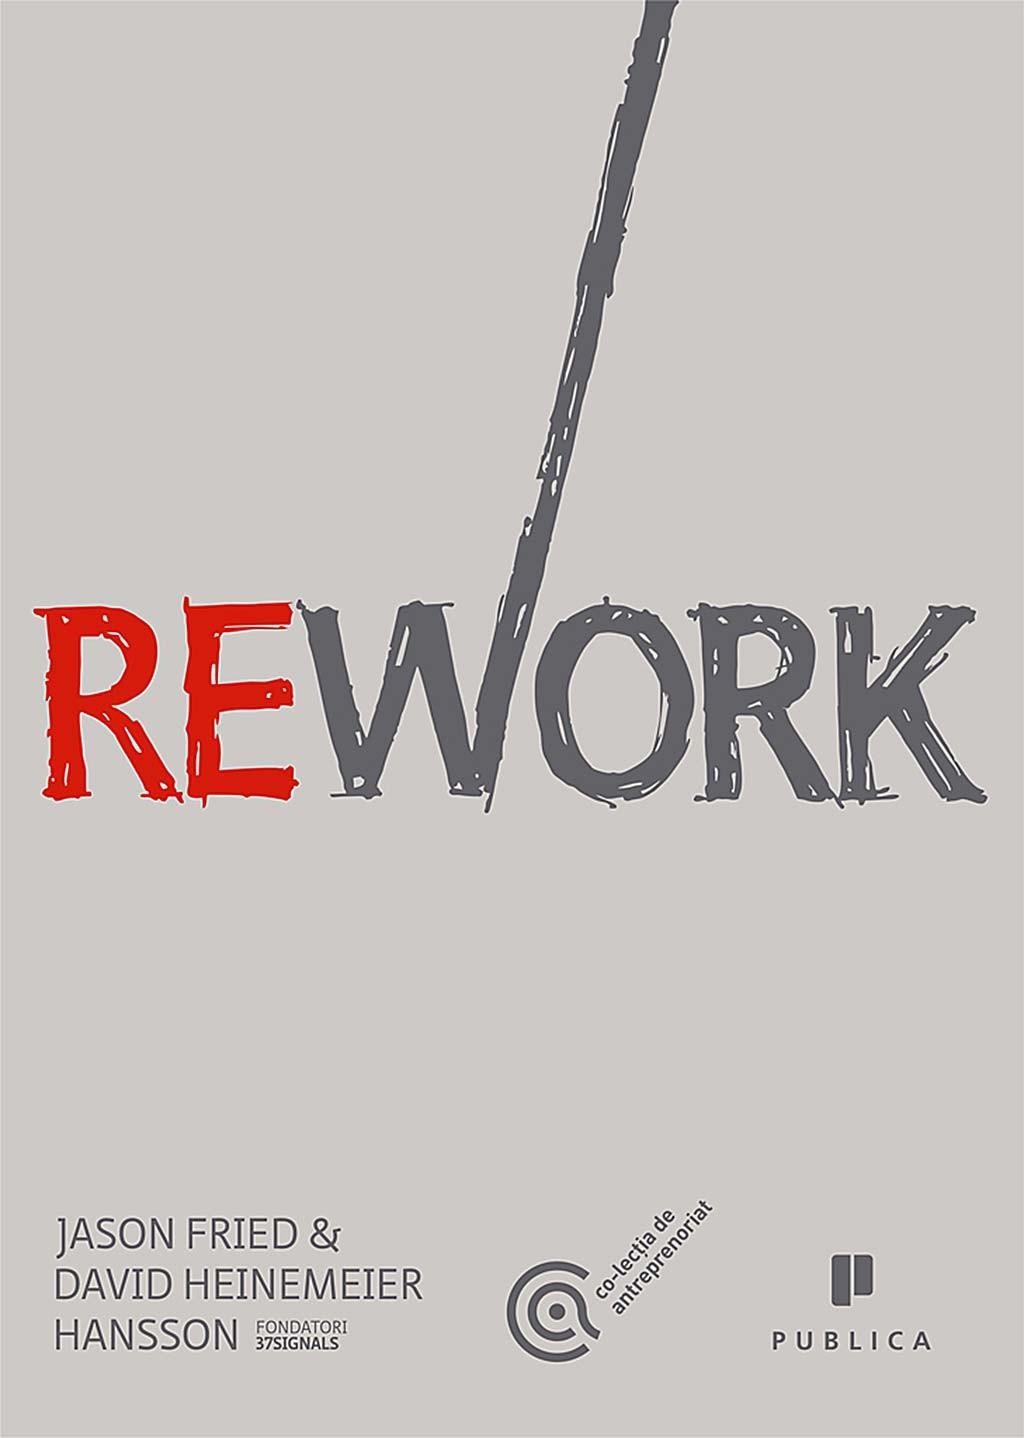 rework_1_fullsize